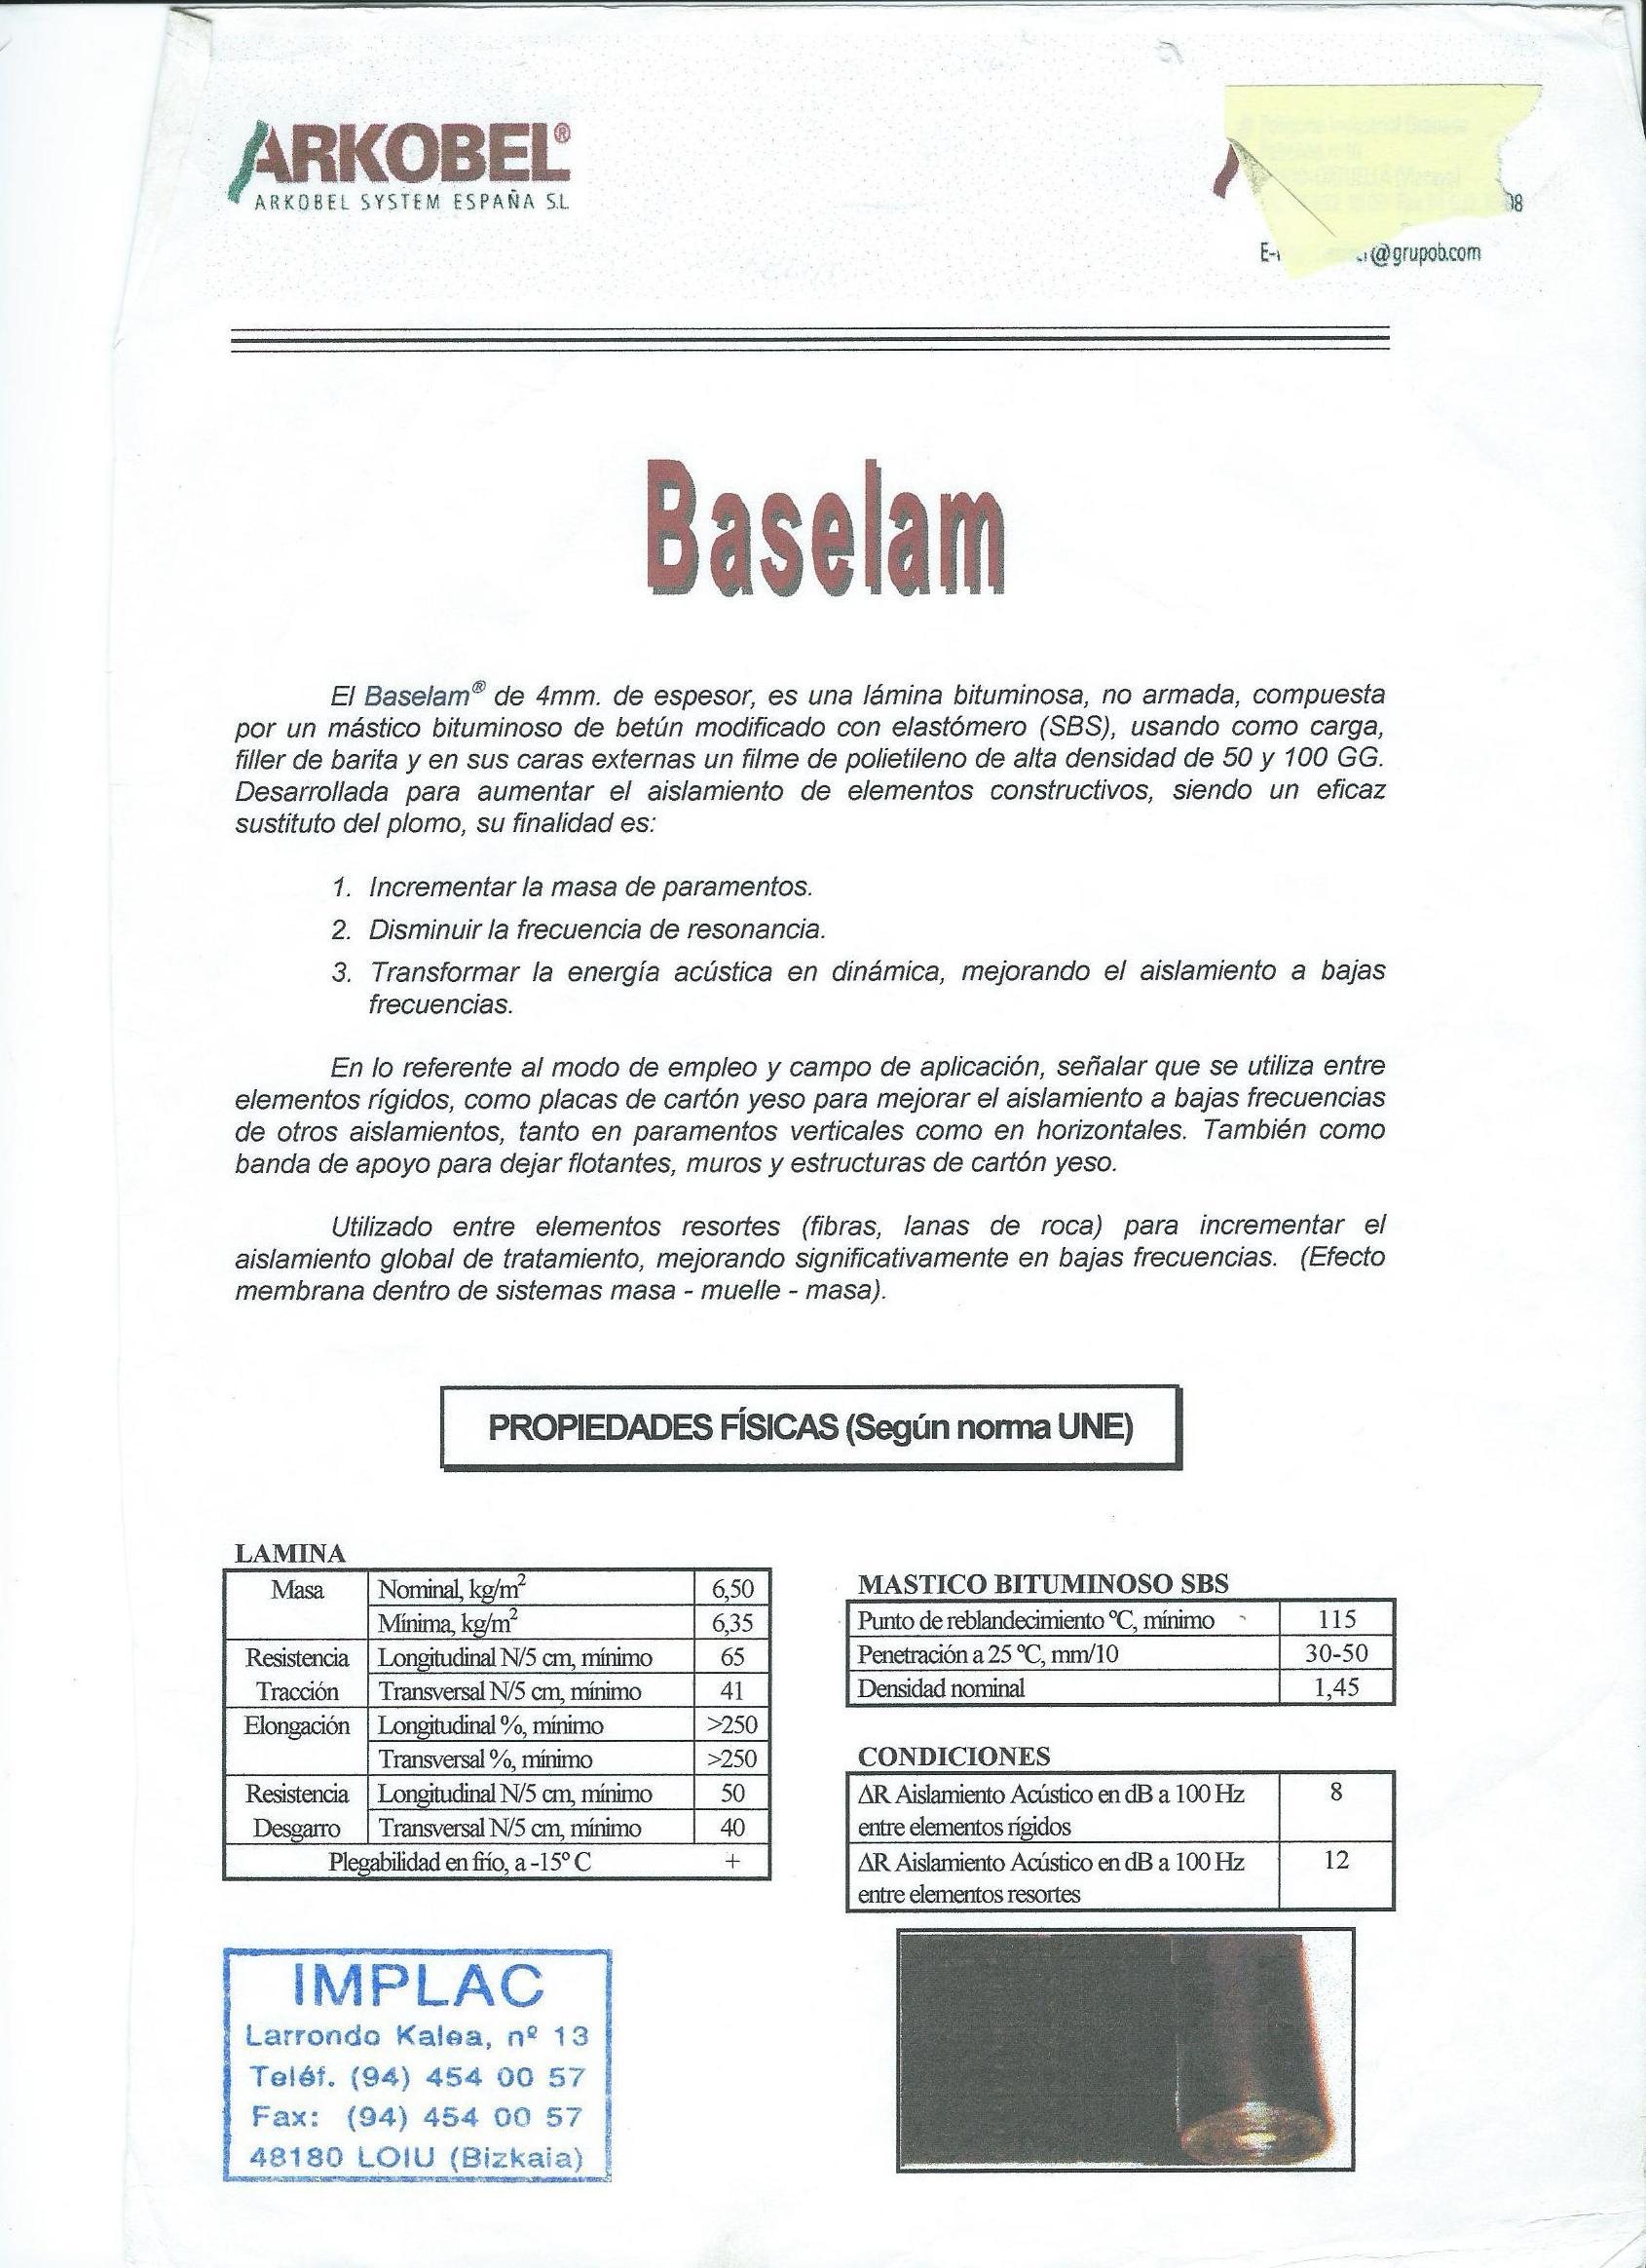 Baselam